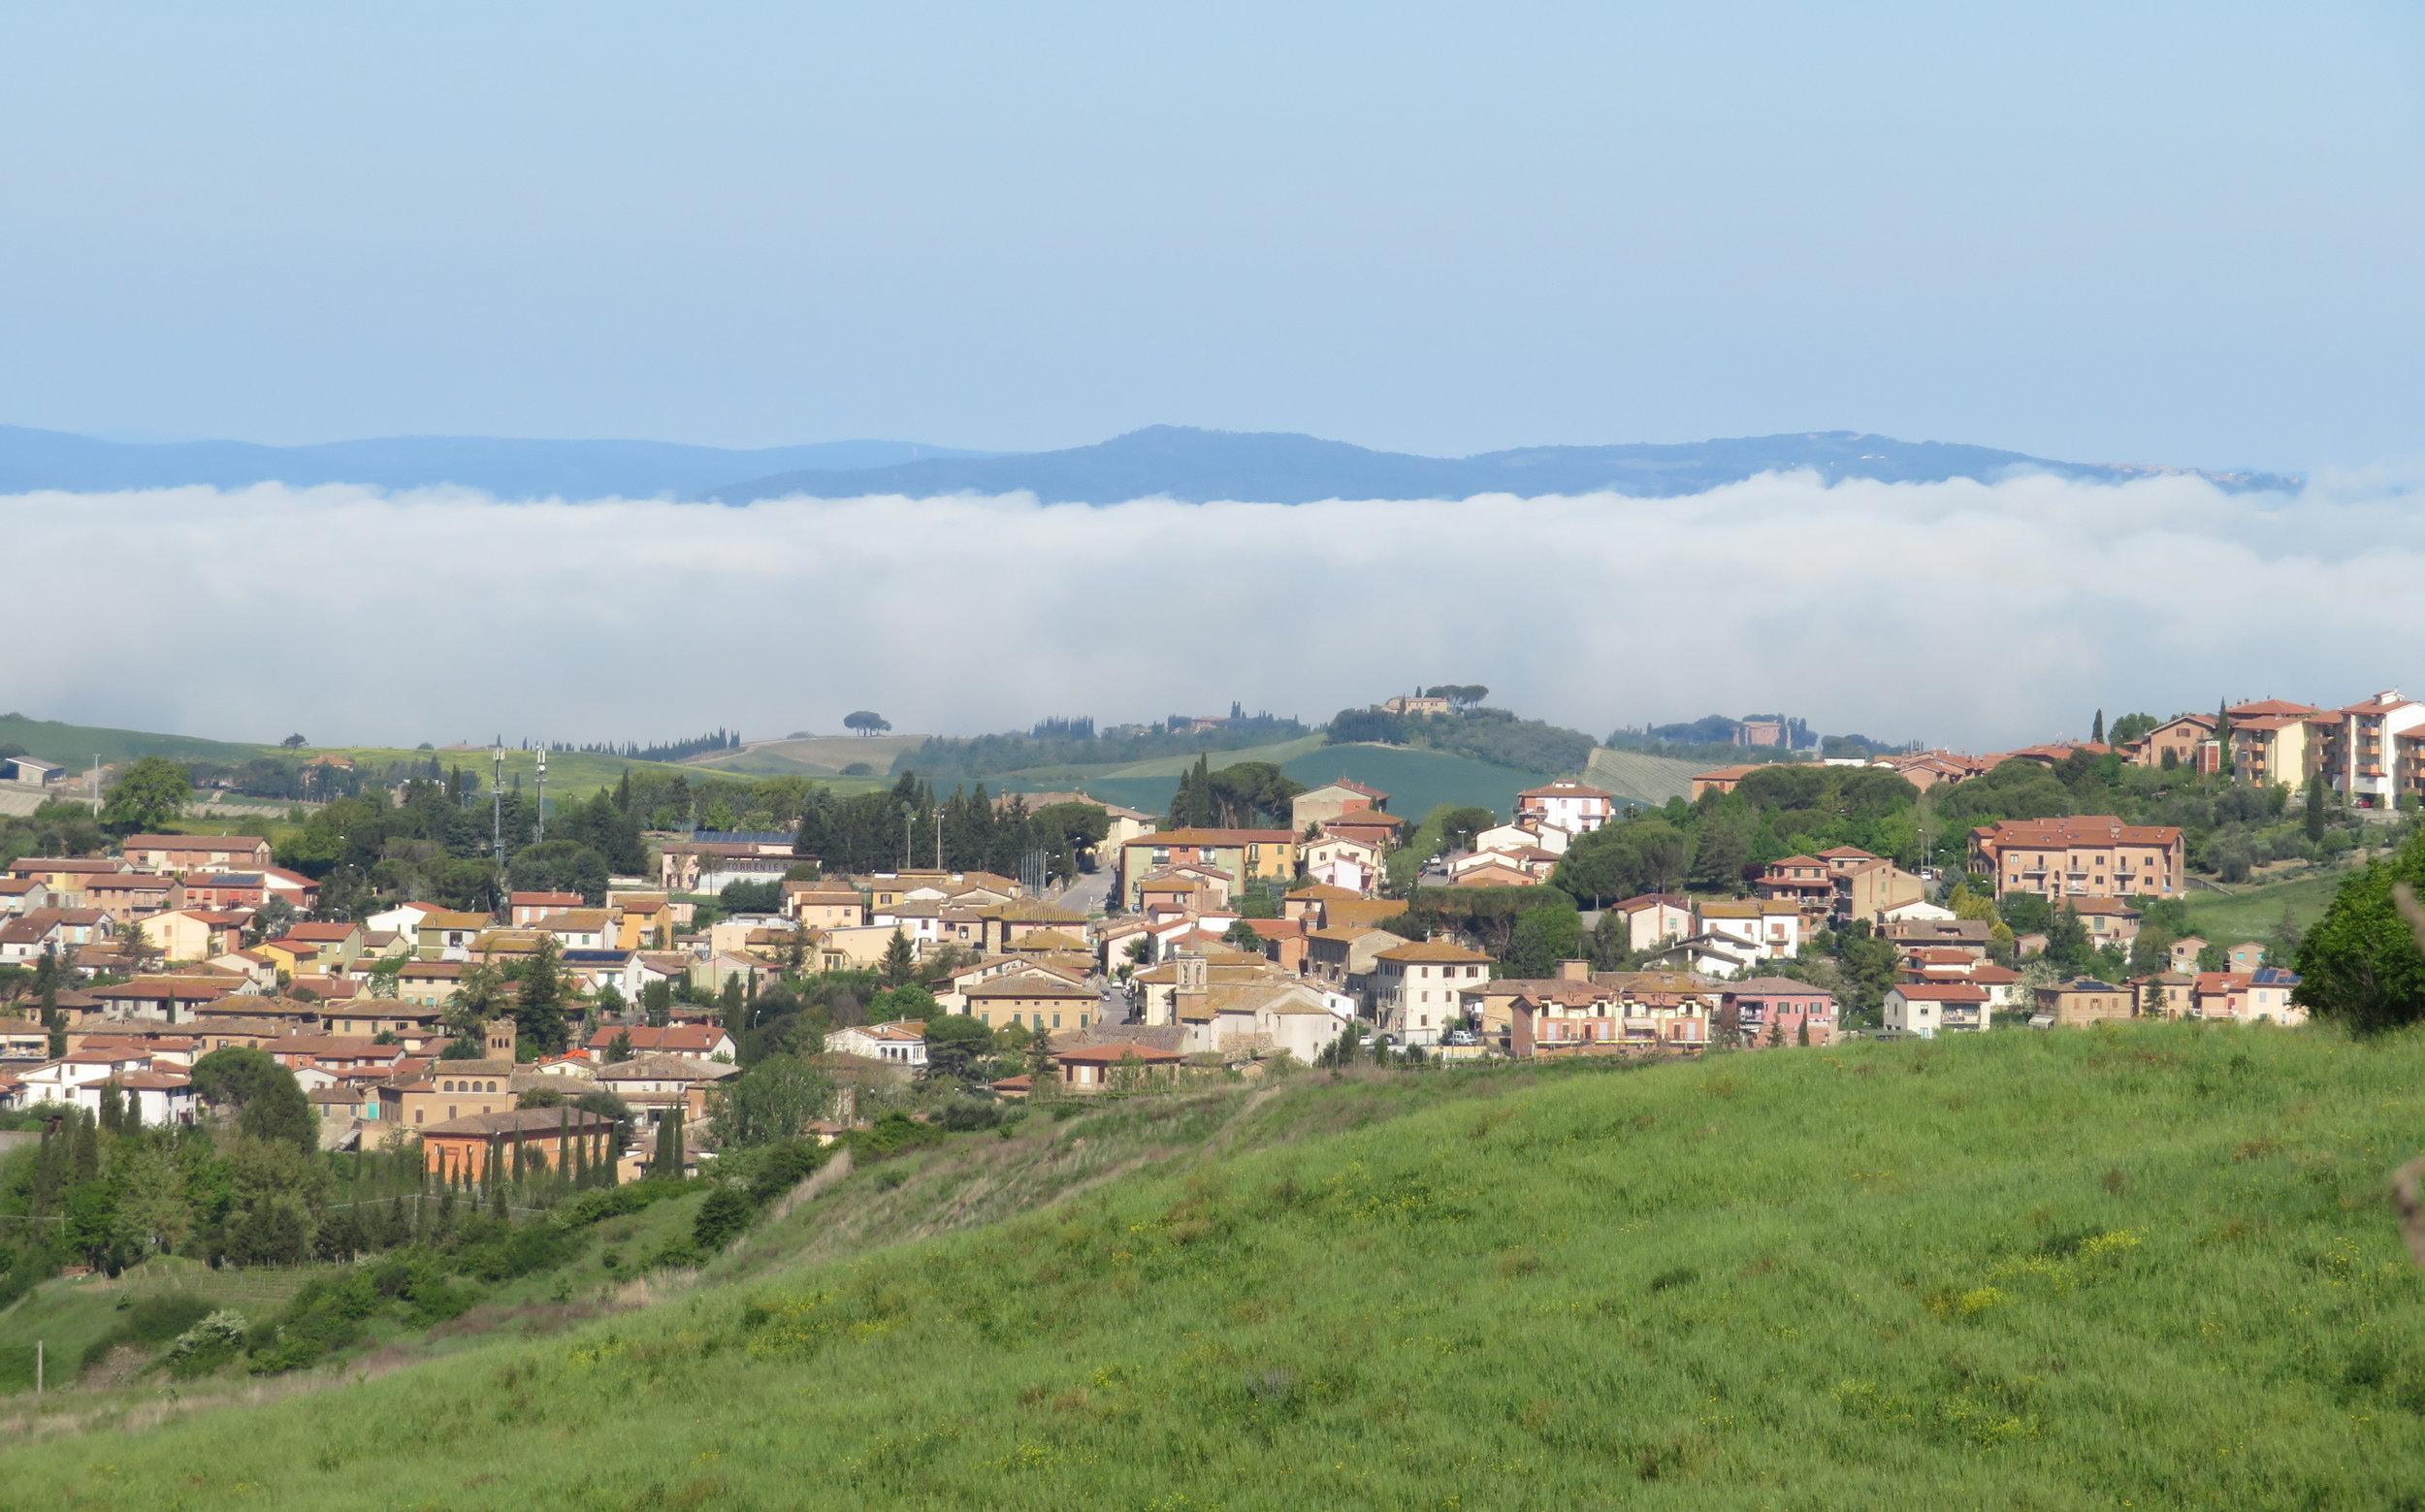 Morning fog over Siena